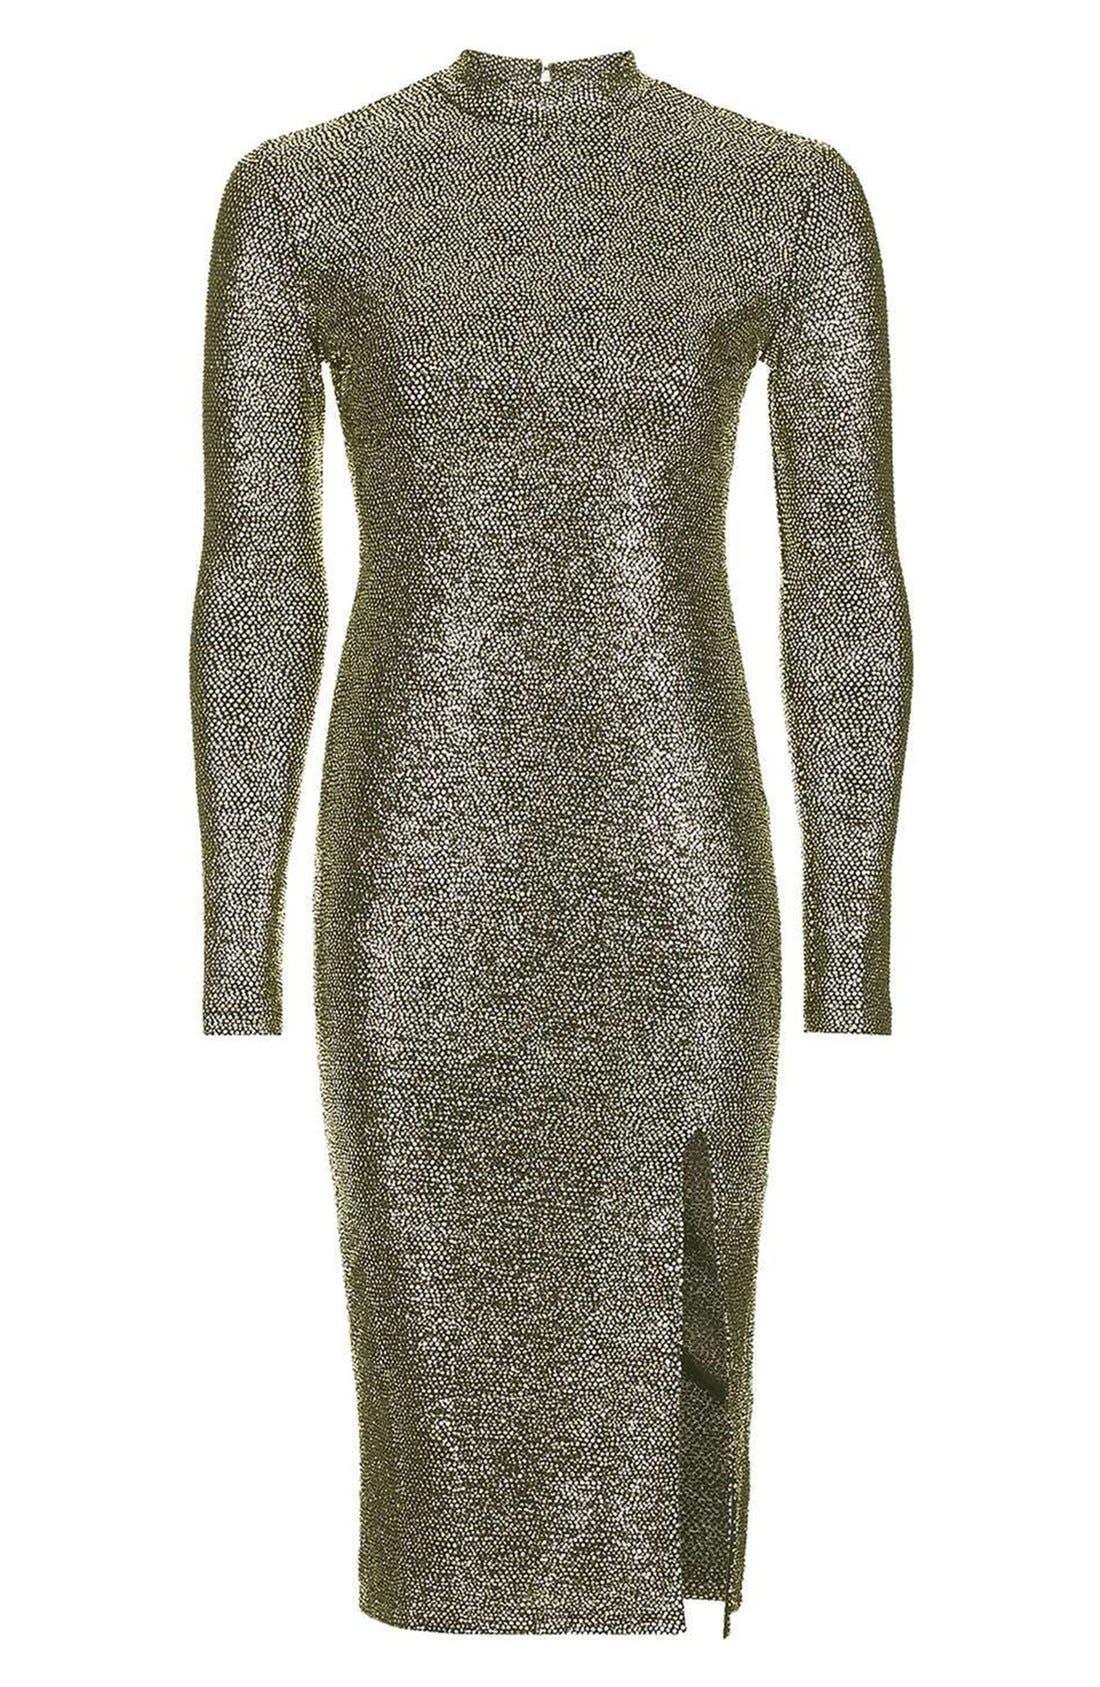 Foil Spot Midi Dress,                             Alternate thumbnail 8, color,                             710